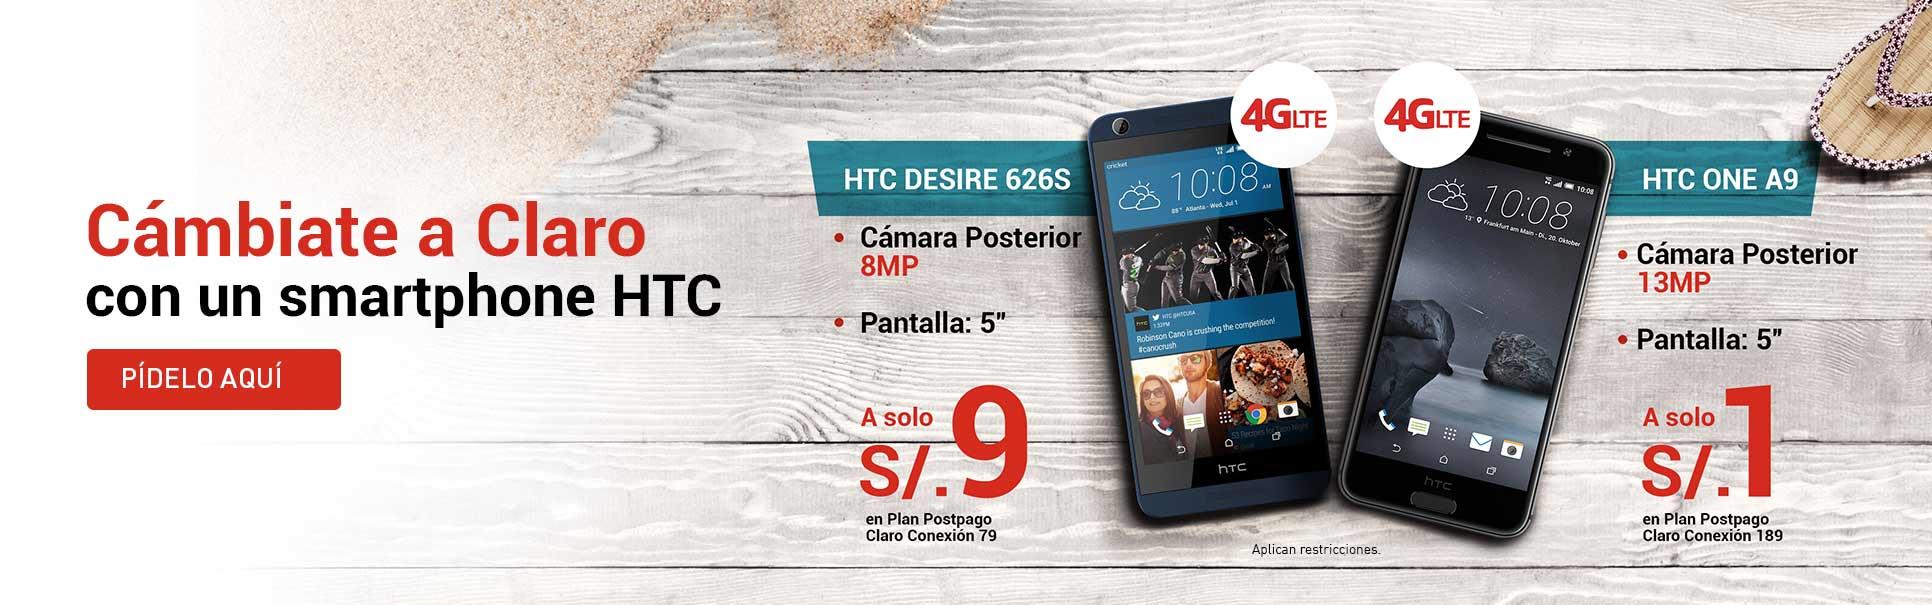 cambiate a Claro con  HTC